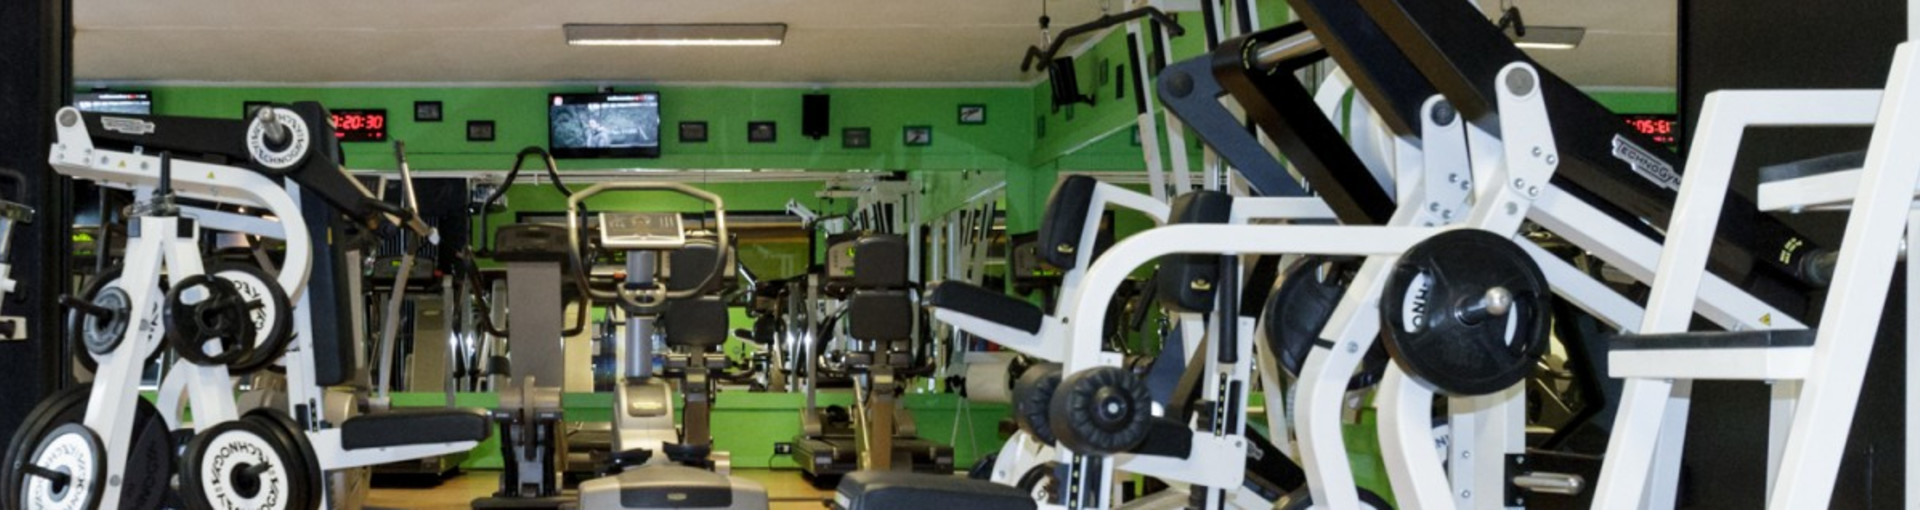 Gym Center - Sondrio